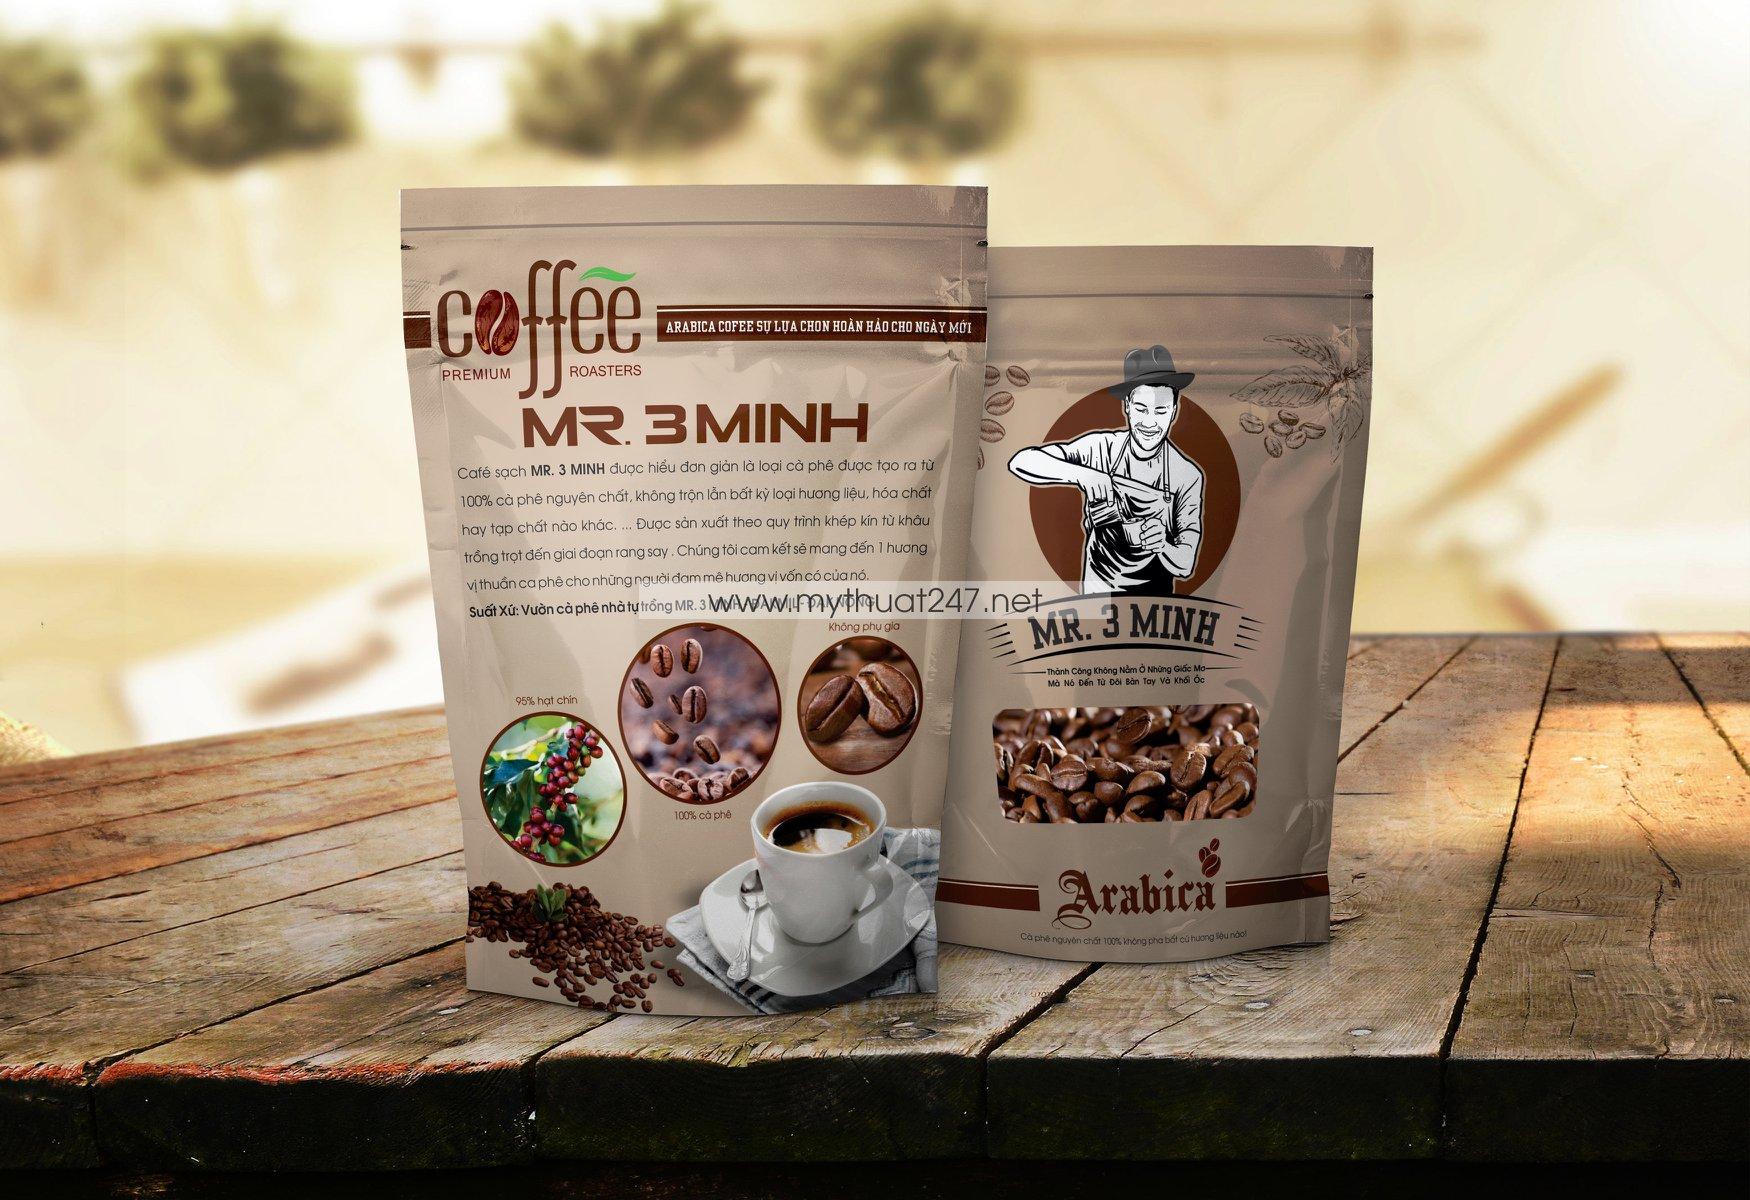 Thiết kế logo cà phê Mr 3 minh